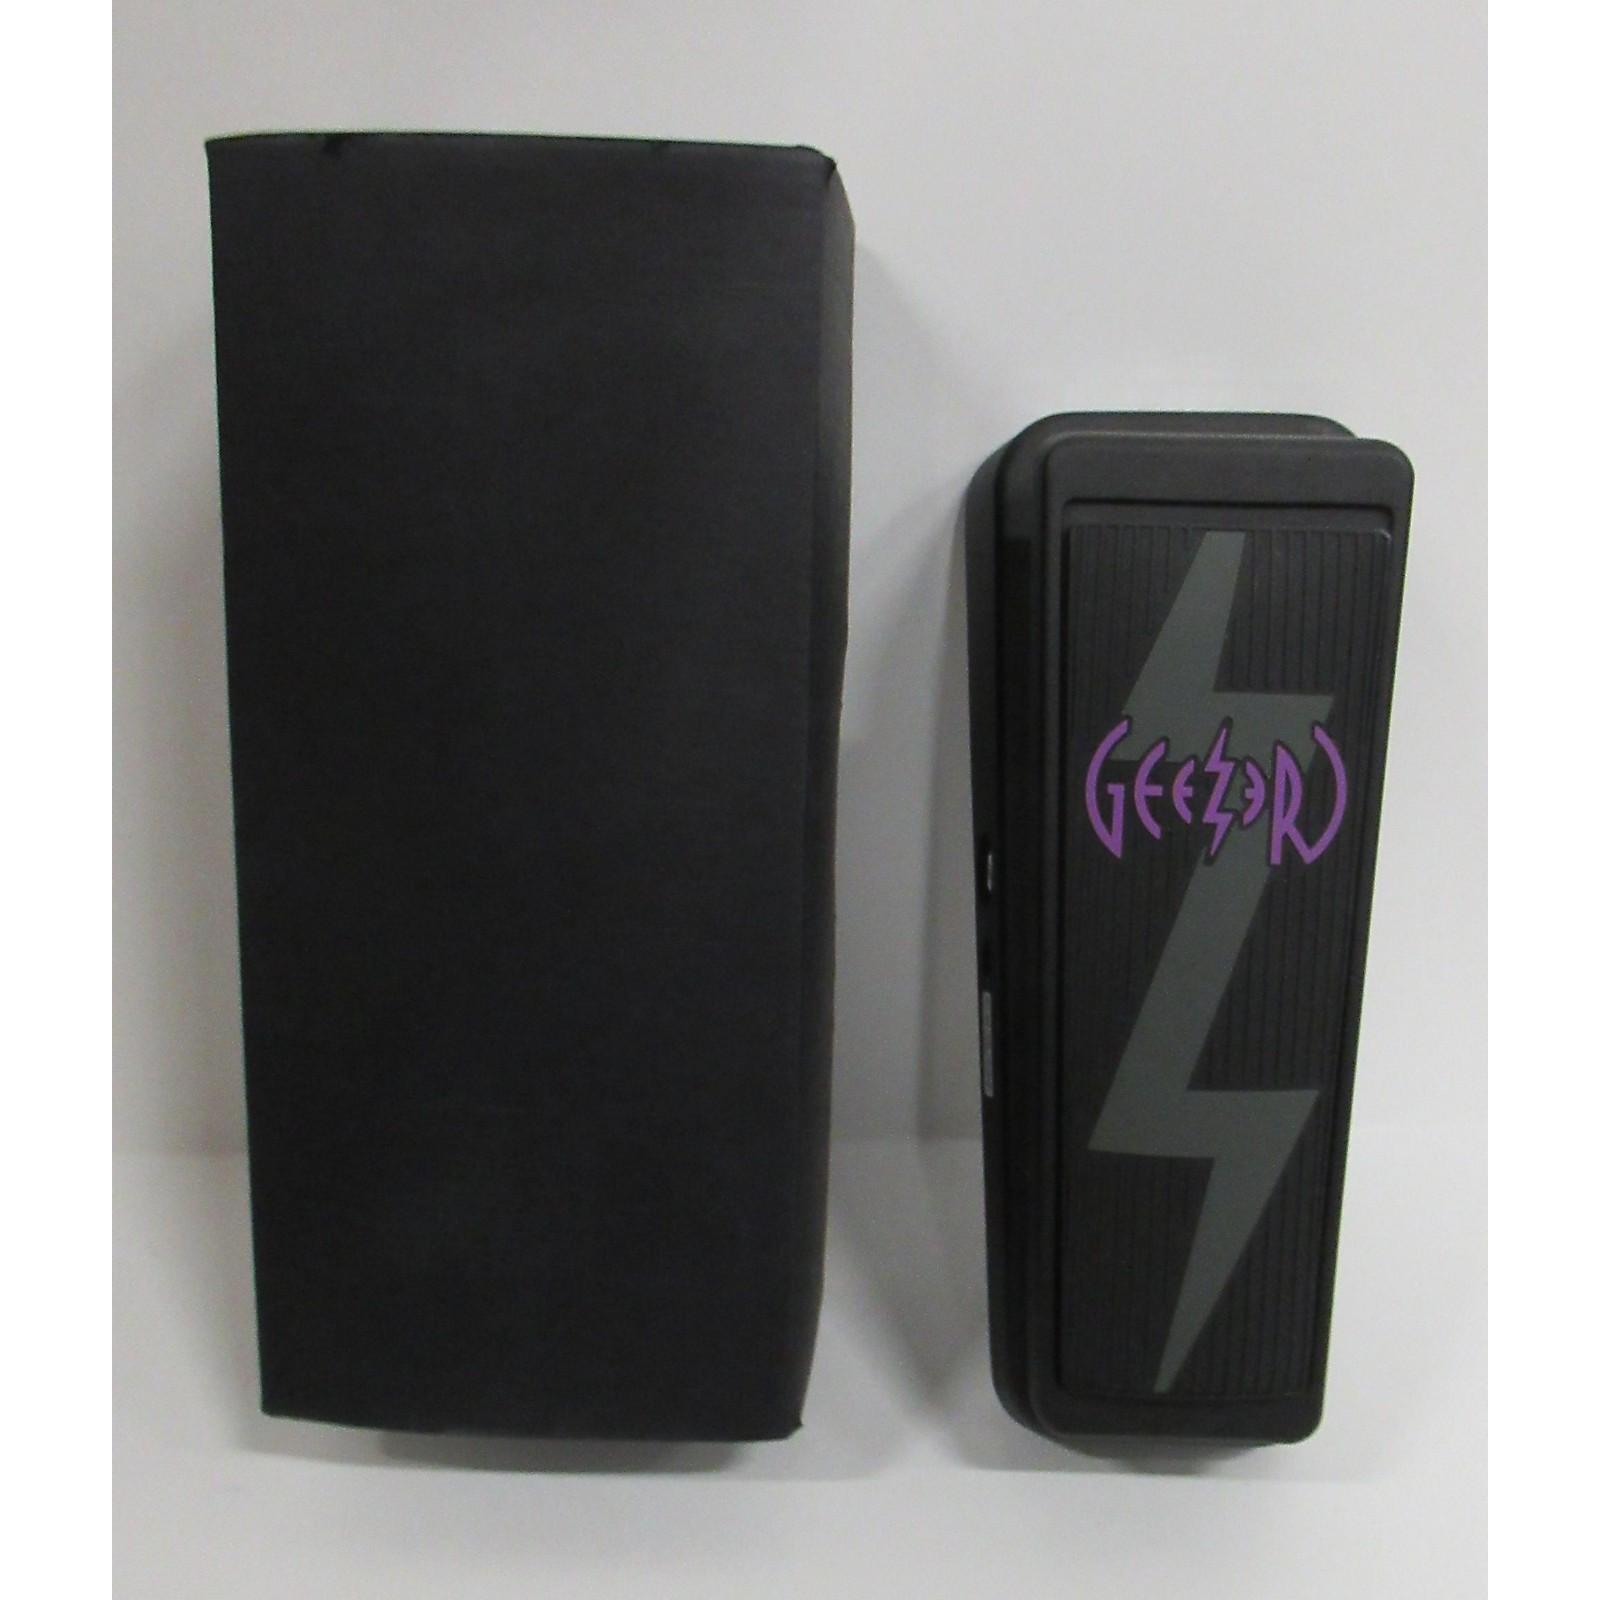 Dunlop GZR95 GEEZER Effect Pedal